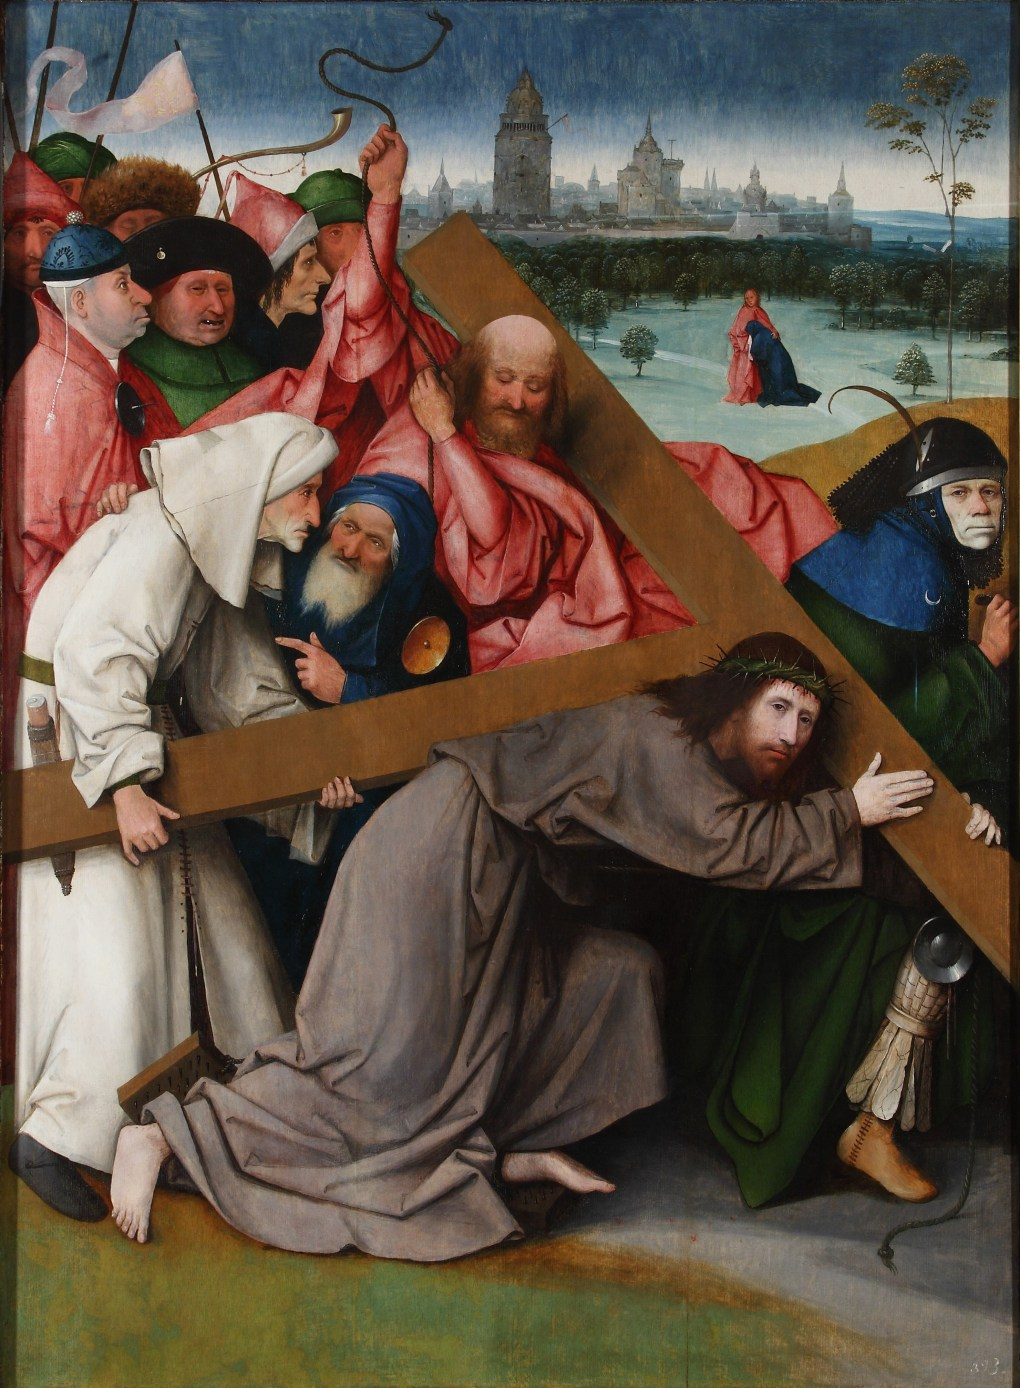 Cristo camino del Calvario El Bosco Óleo sobre tabla, 142.3 x 104.5 cm h. 1500 Colecciones Reales. Patrimonio Nacional. Real Monasterio de San Lorenzo del Escorial